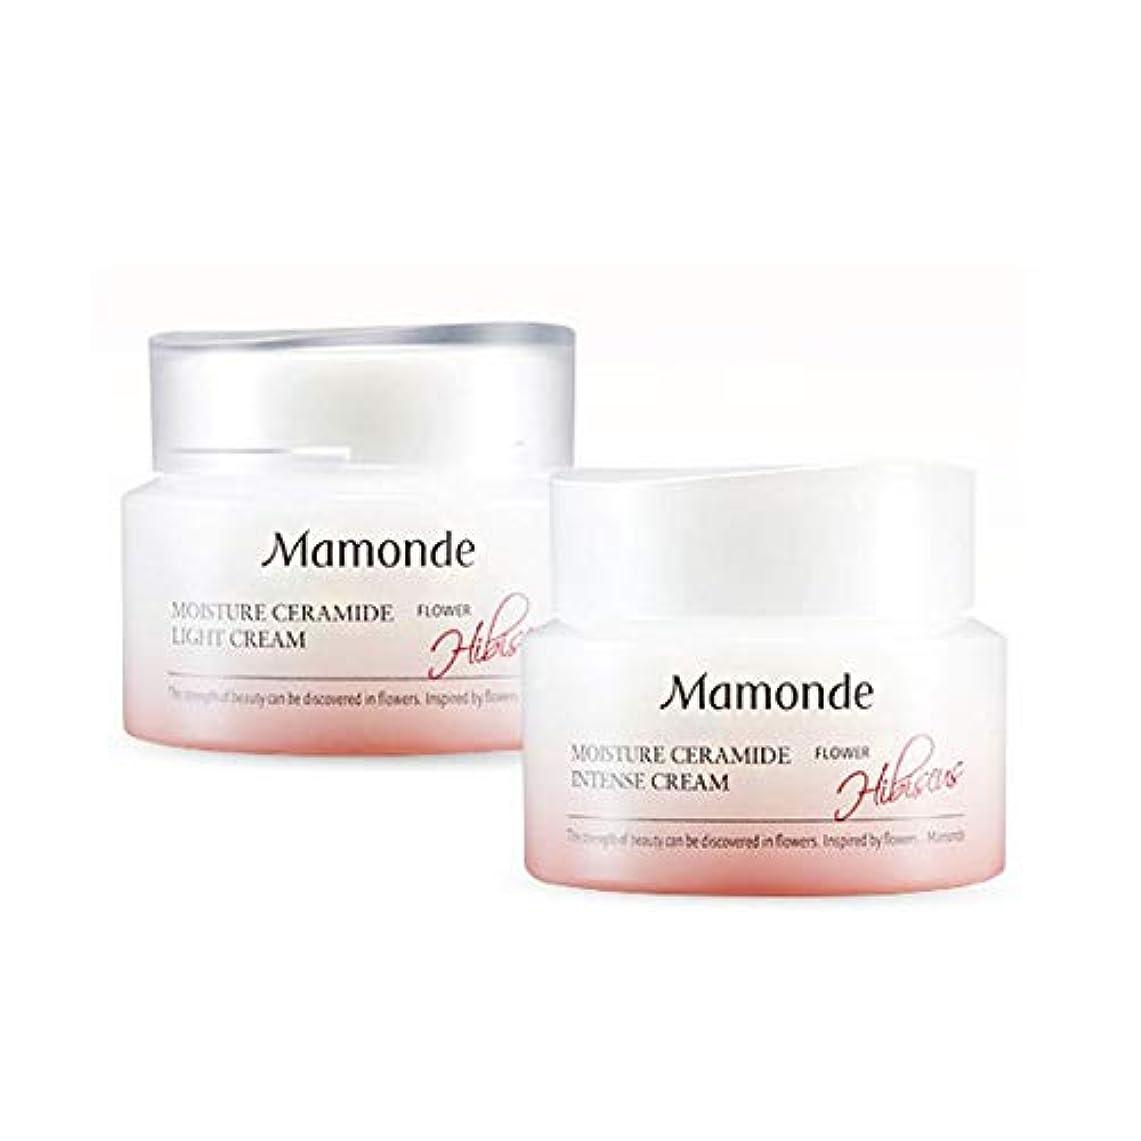 マモンドモイスチャーセラミドインテンスクリーム50mlx2本セット韓国コスメ、Mamonde Moisture Ceramide Intense Cream 50ml x 2ea Set Korean Cosmetics...